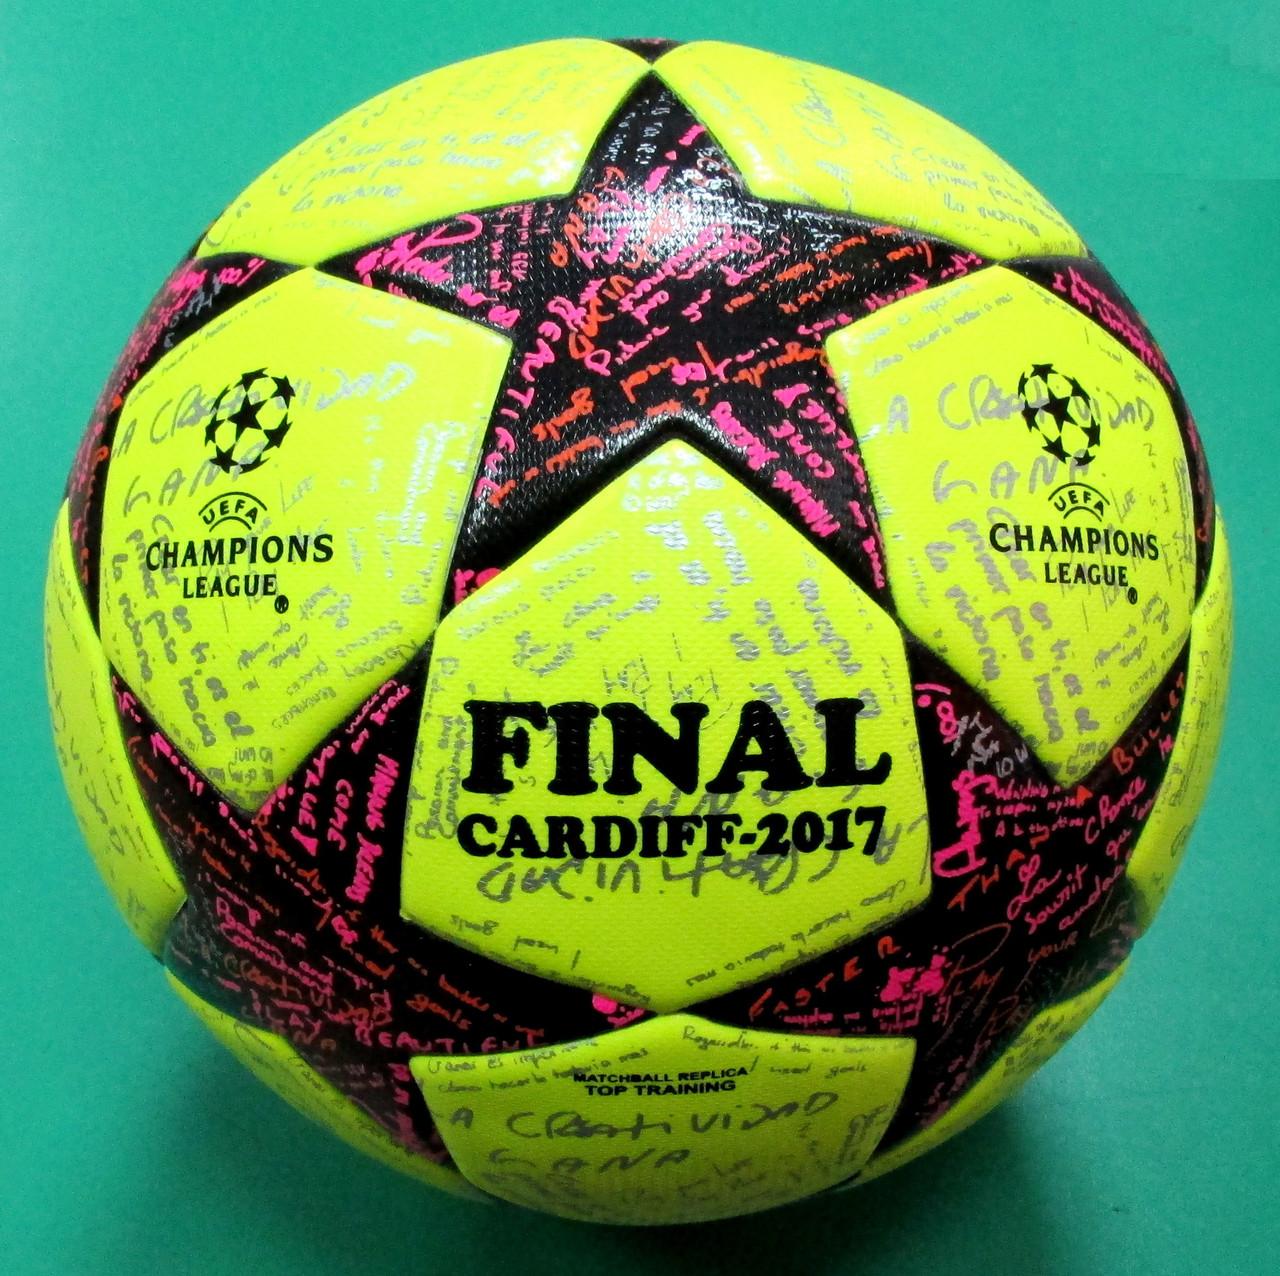 Мяч футбольный Adidas Match ball Replica Final Cardiff